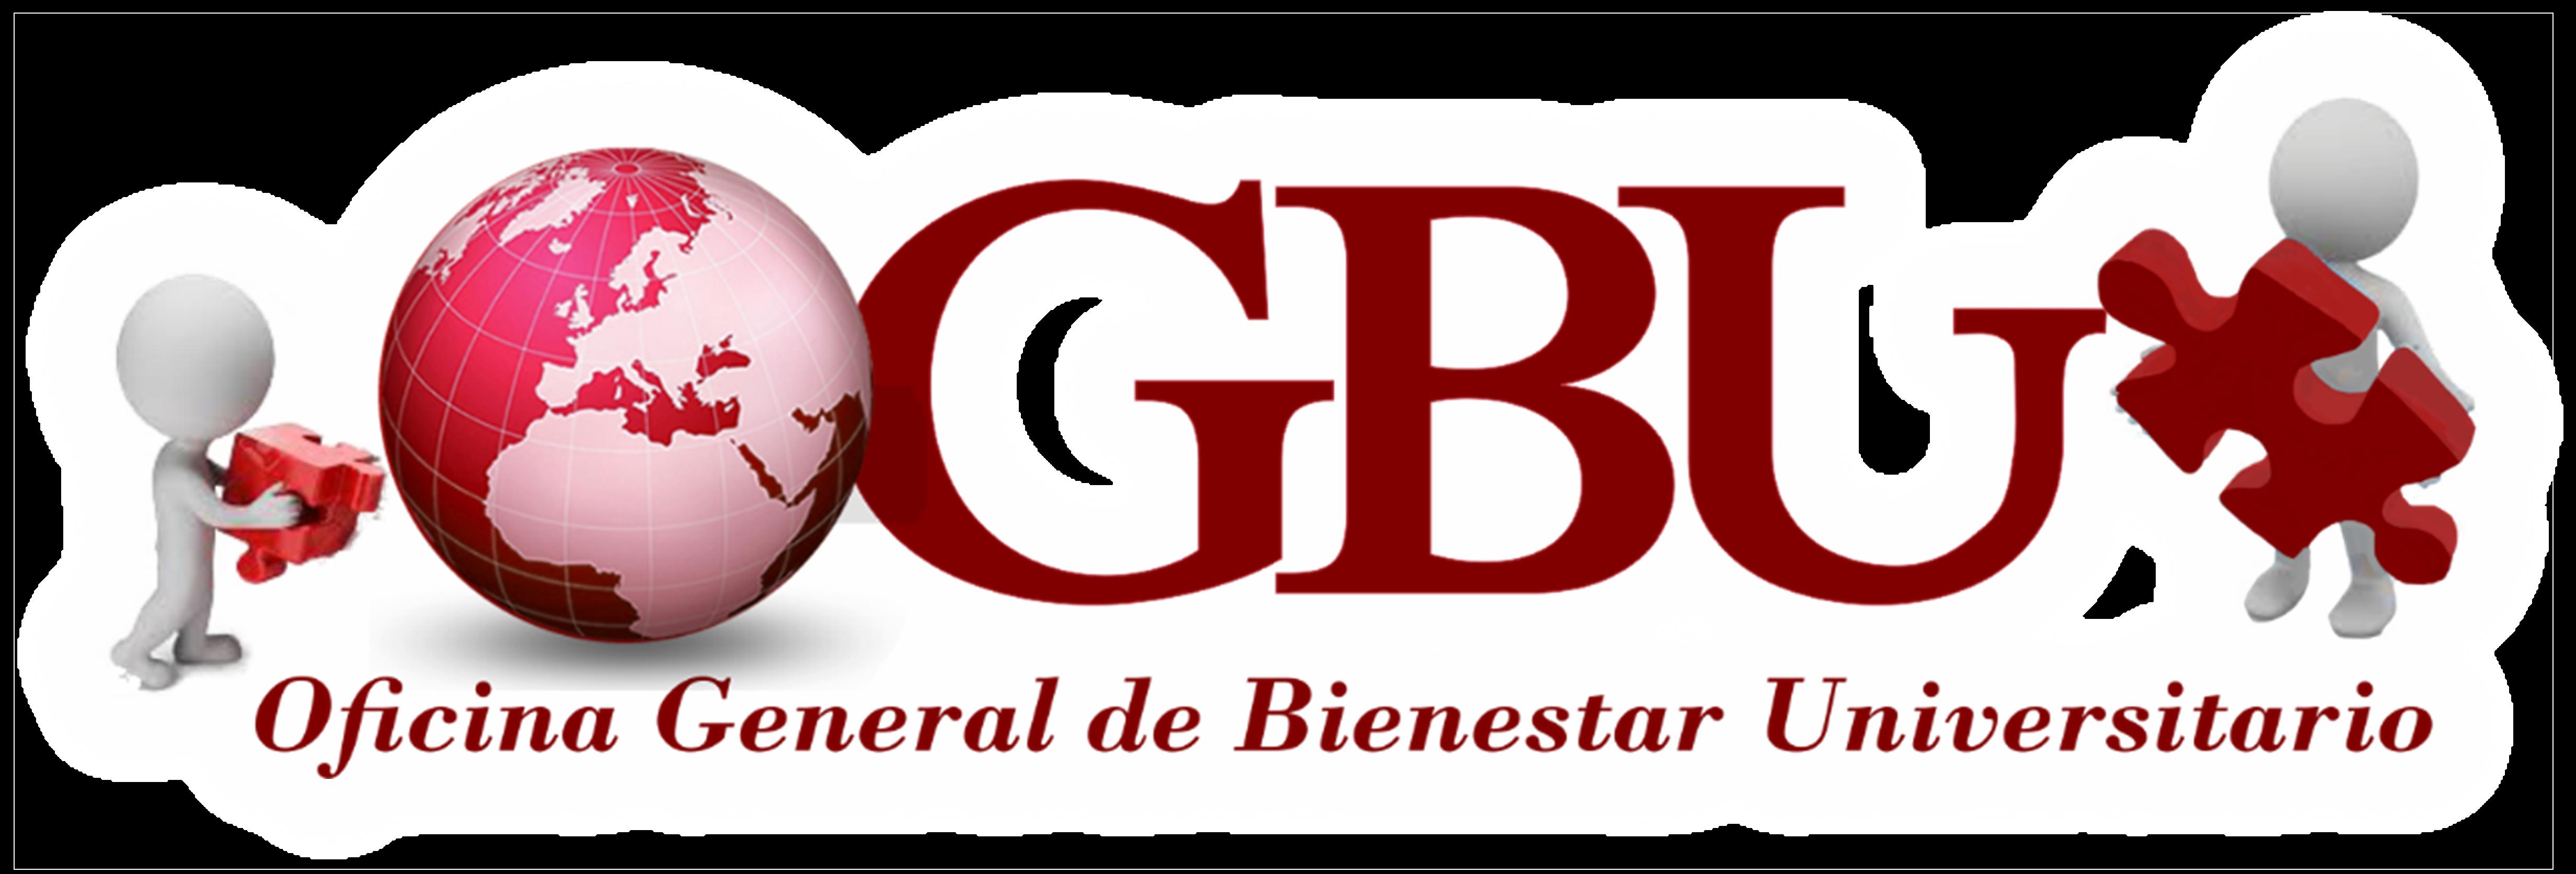 OFICINA GENERAL DE BIENESTAR UNIVERSITARIO